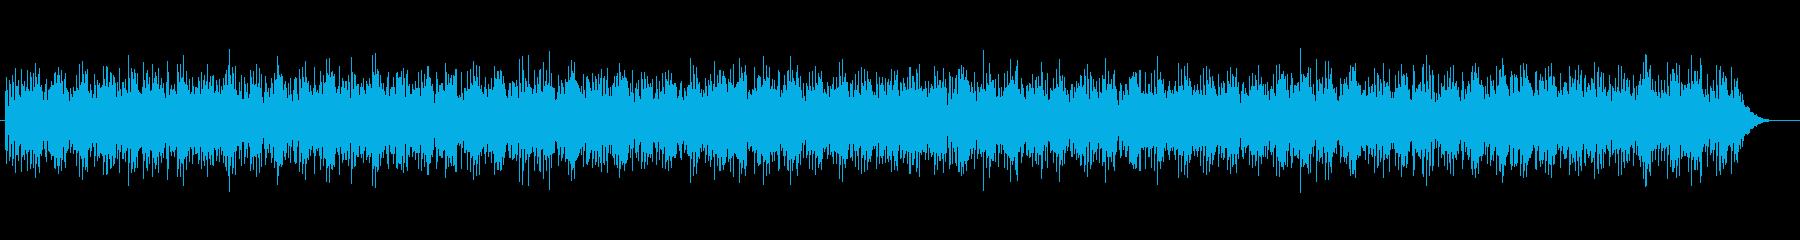 透明感とミステリアスなシンセテクノの再生済みの波形